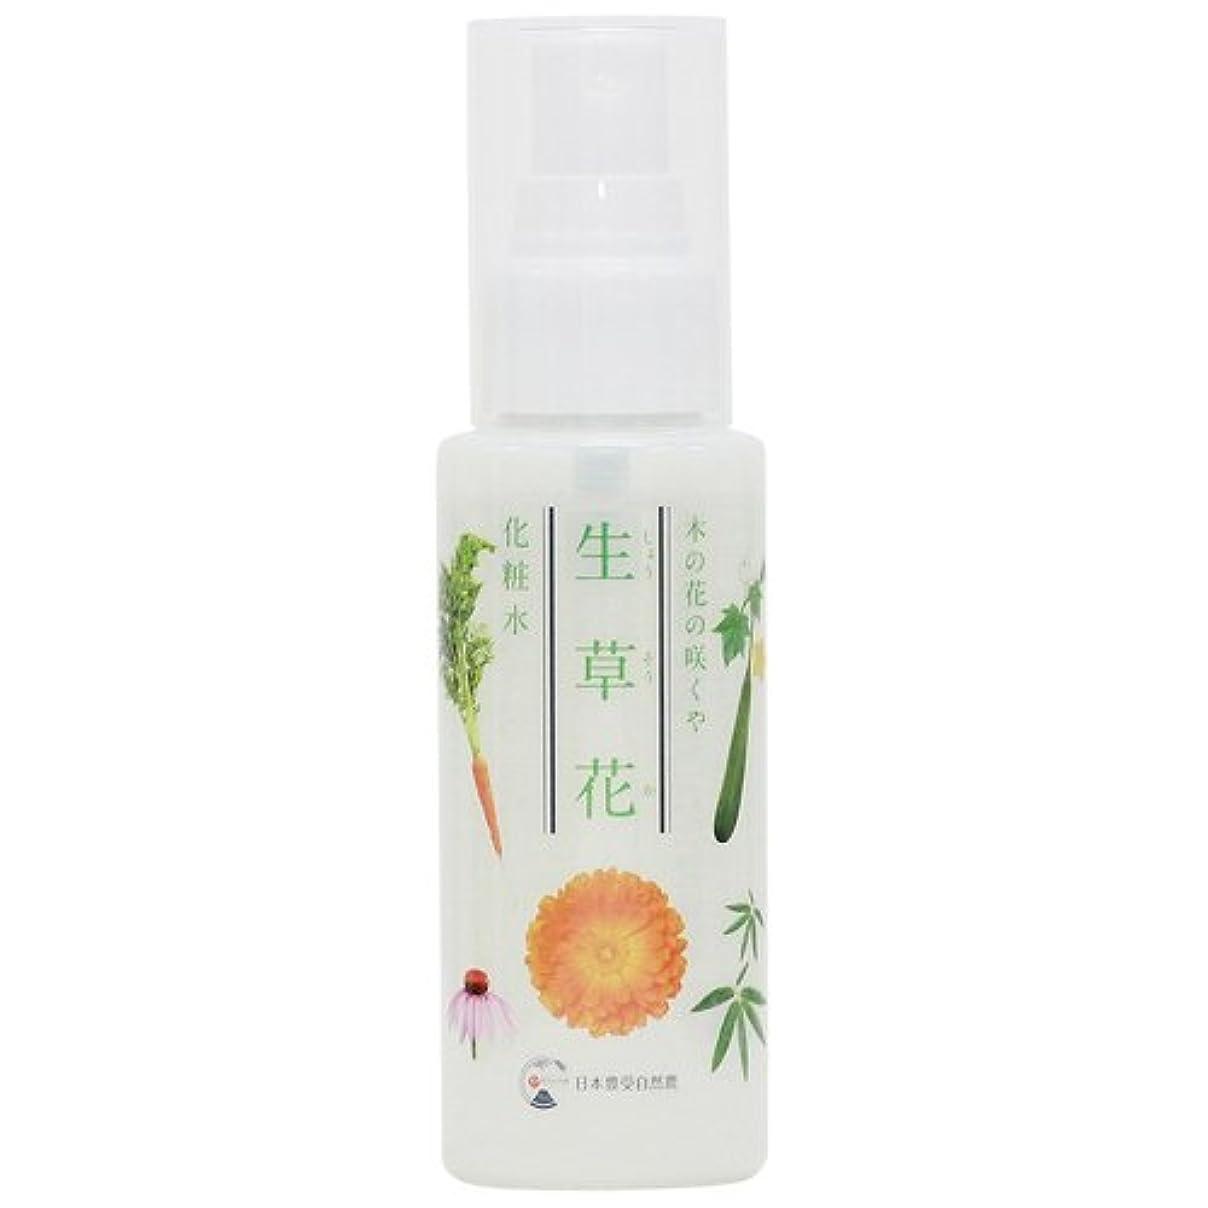 受取人稼ぐクラッチ日本豊受自然農 木の花の咲くや 生草花 化粧水 80ml